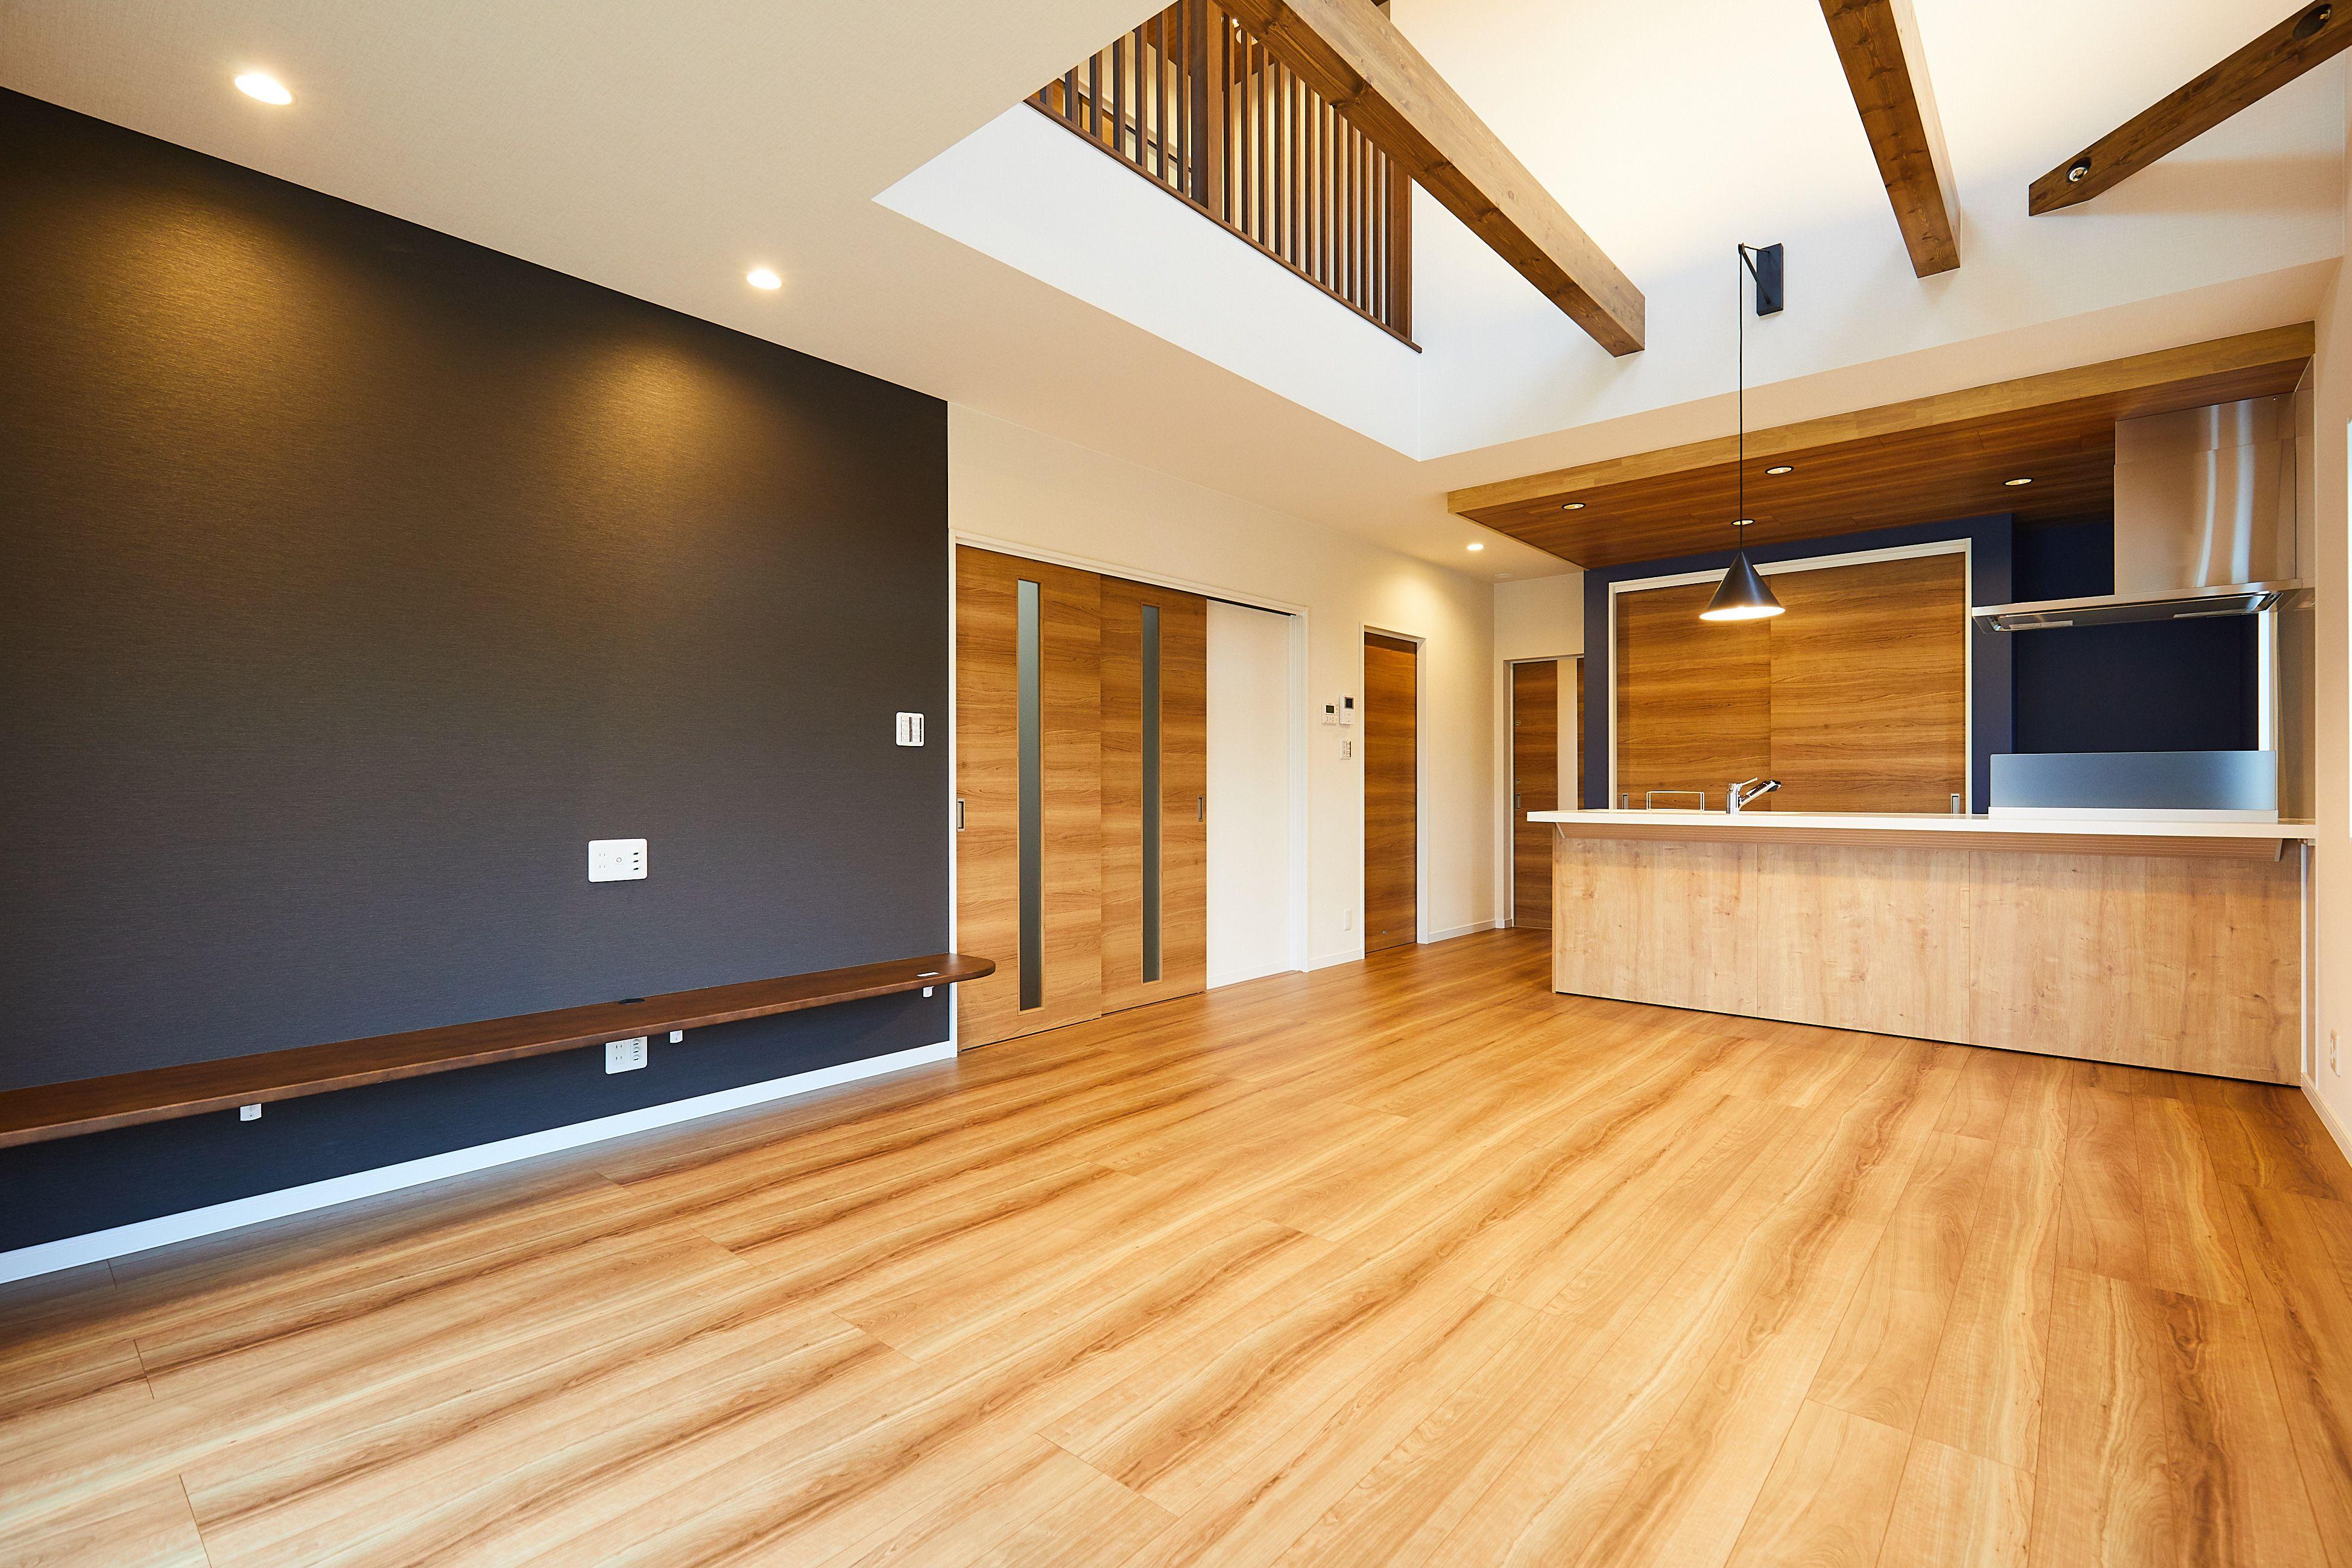 板貼りの天井 に黒のアクセントが カフェをイメージさせ この家の